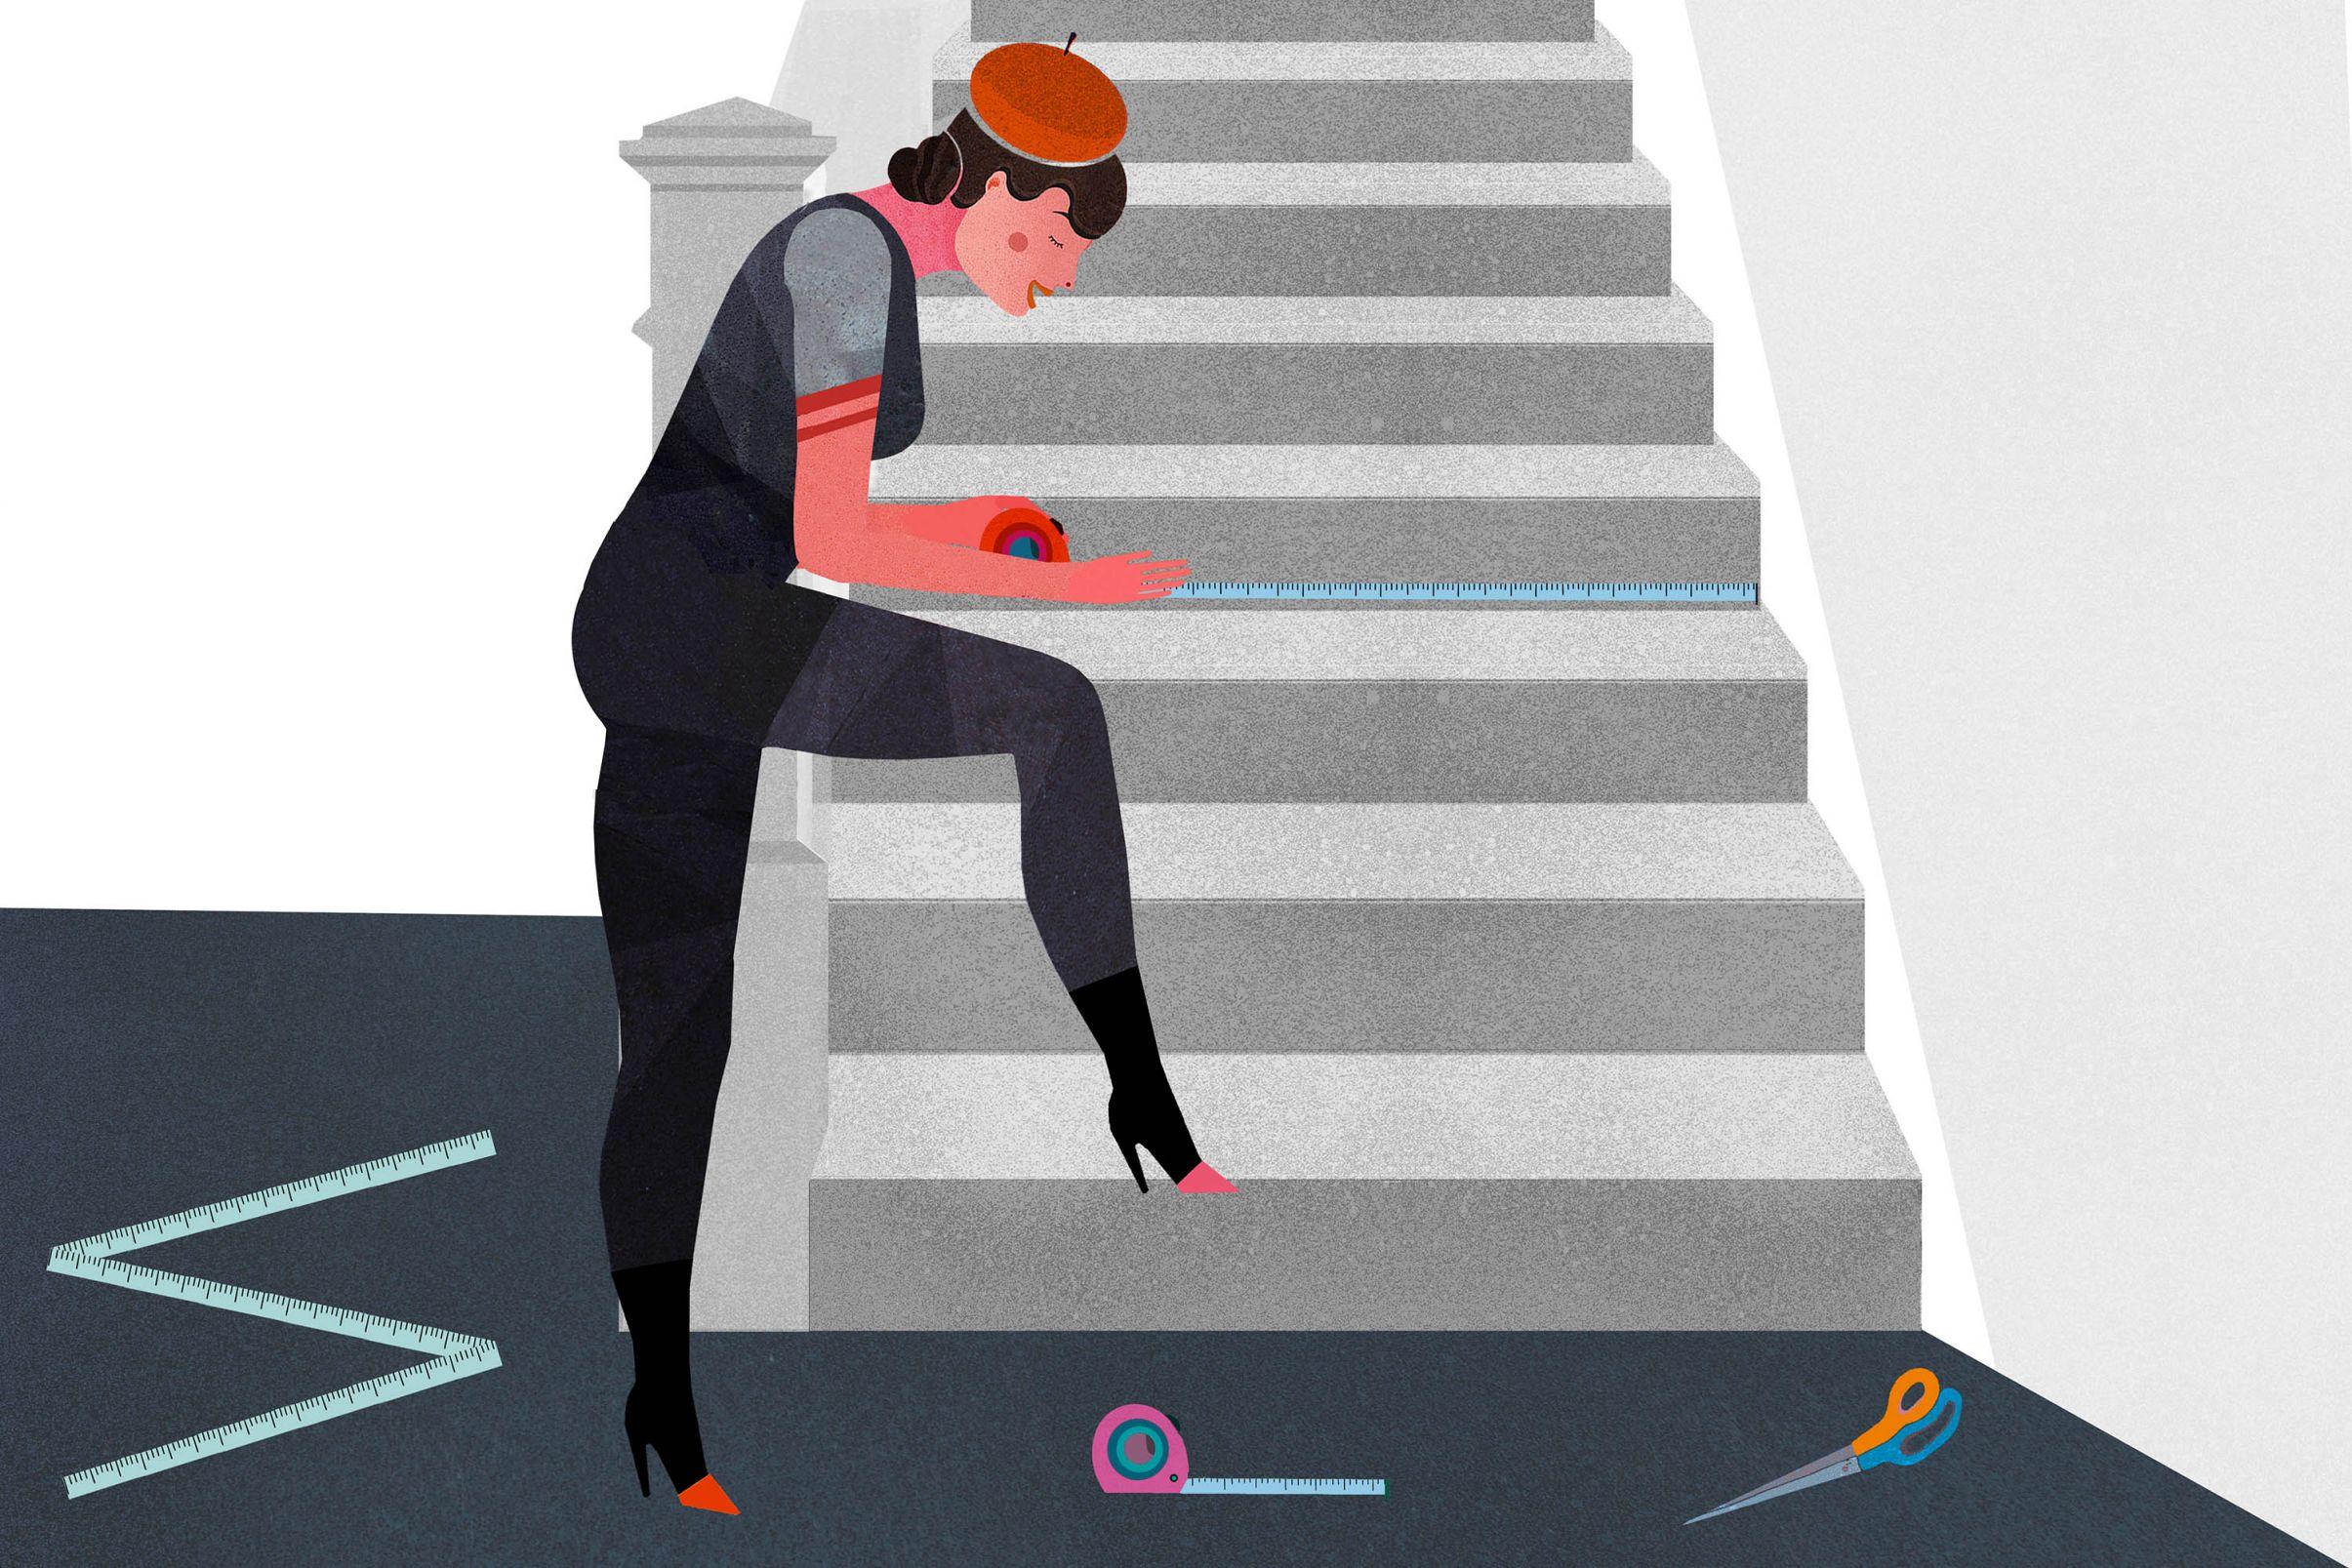 Comment-embellir-des-escaliers-avec-du-papier-peint-Mesurer-la-face-frontale-des-marches